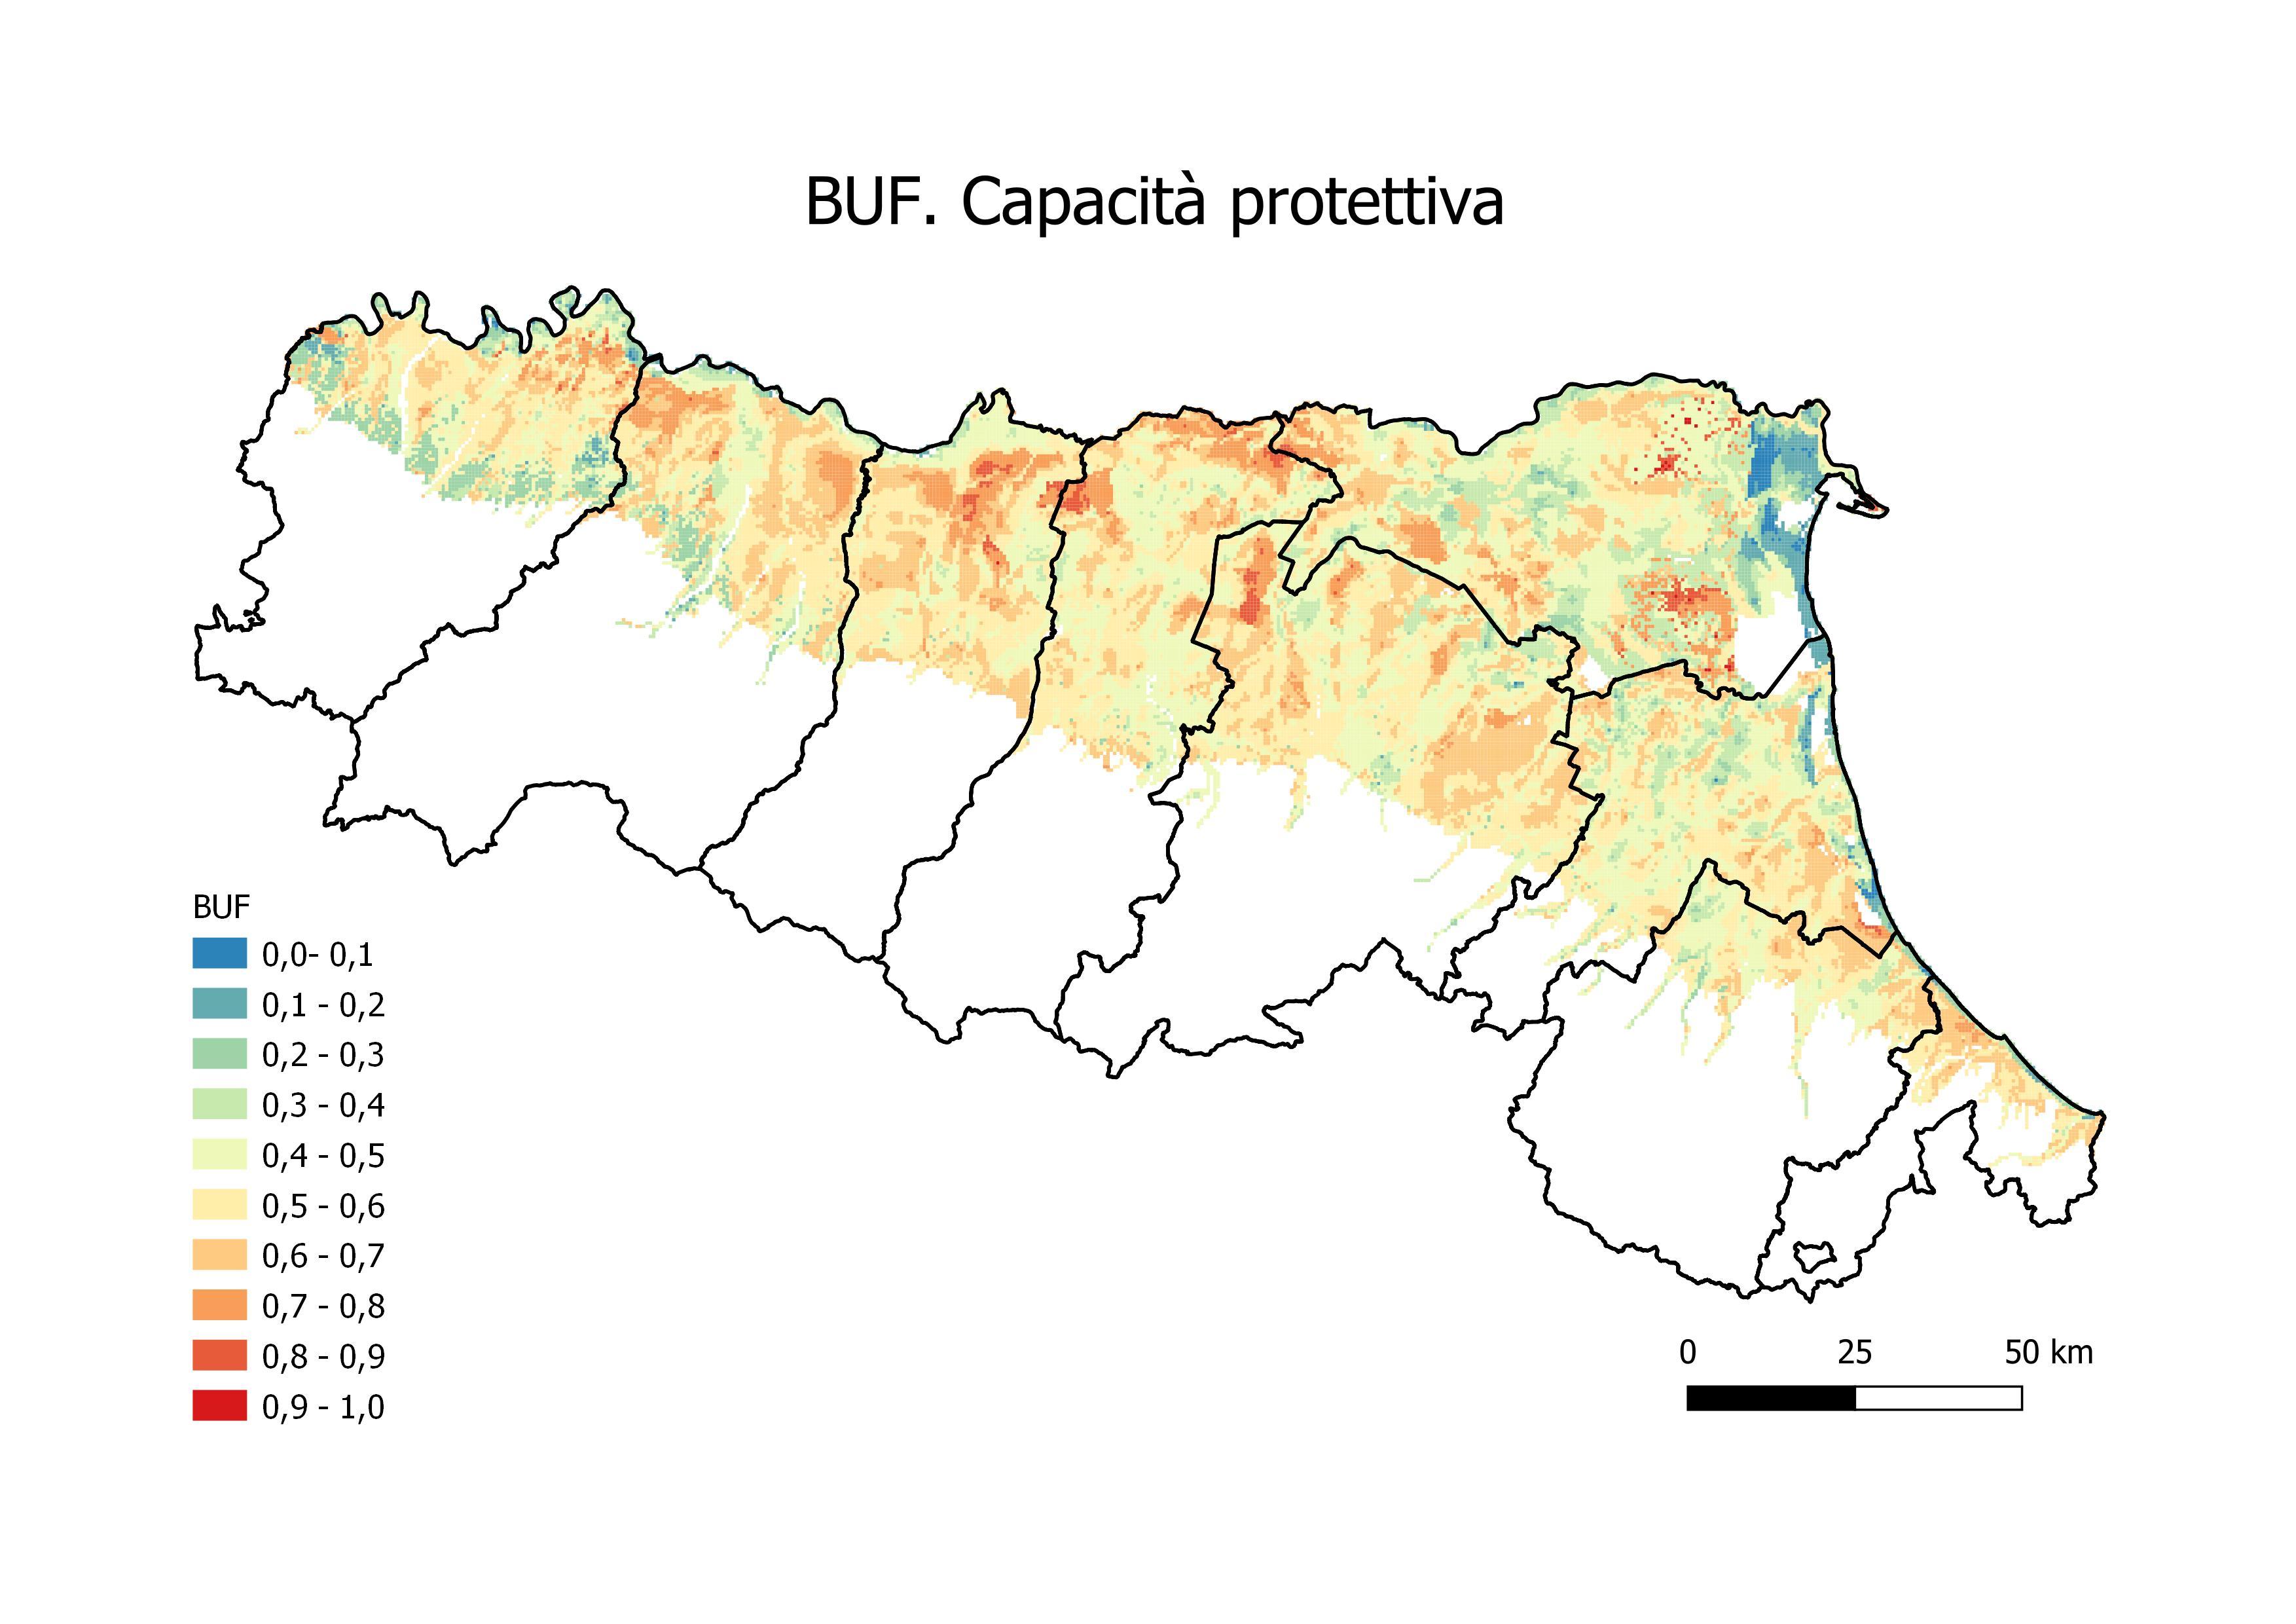 b) BUF. Capacità protettiva